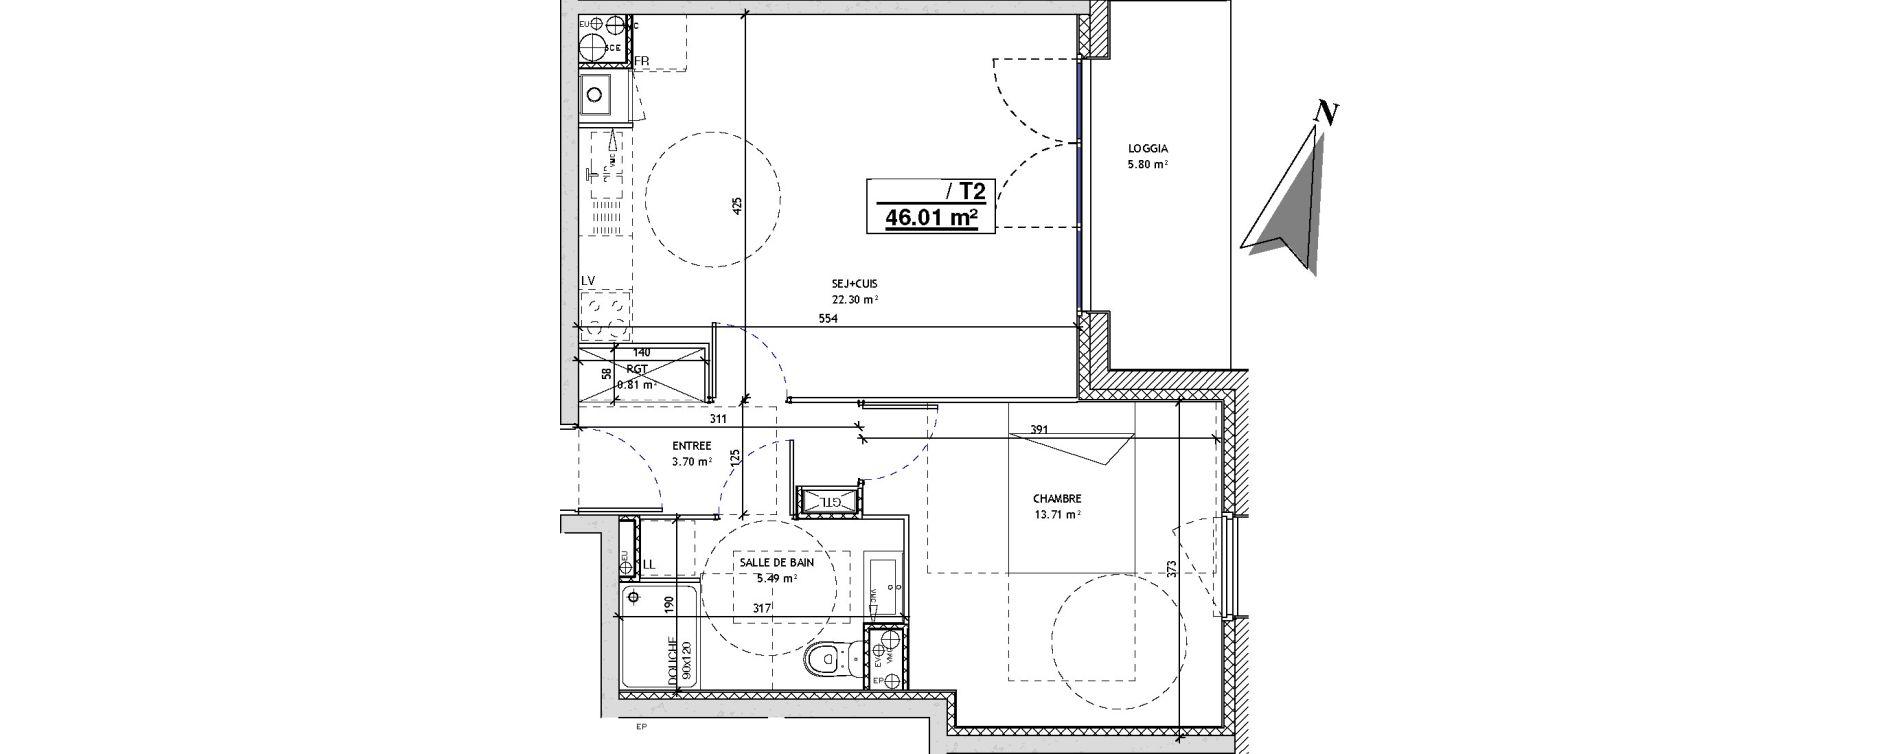 Appartement T2 de 46,01 m2 à Mons-En-Barœul Centre